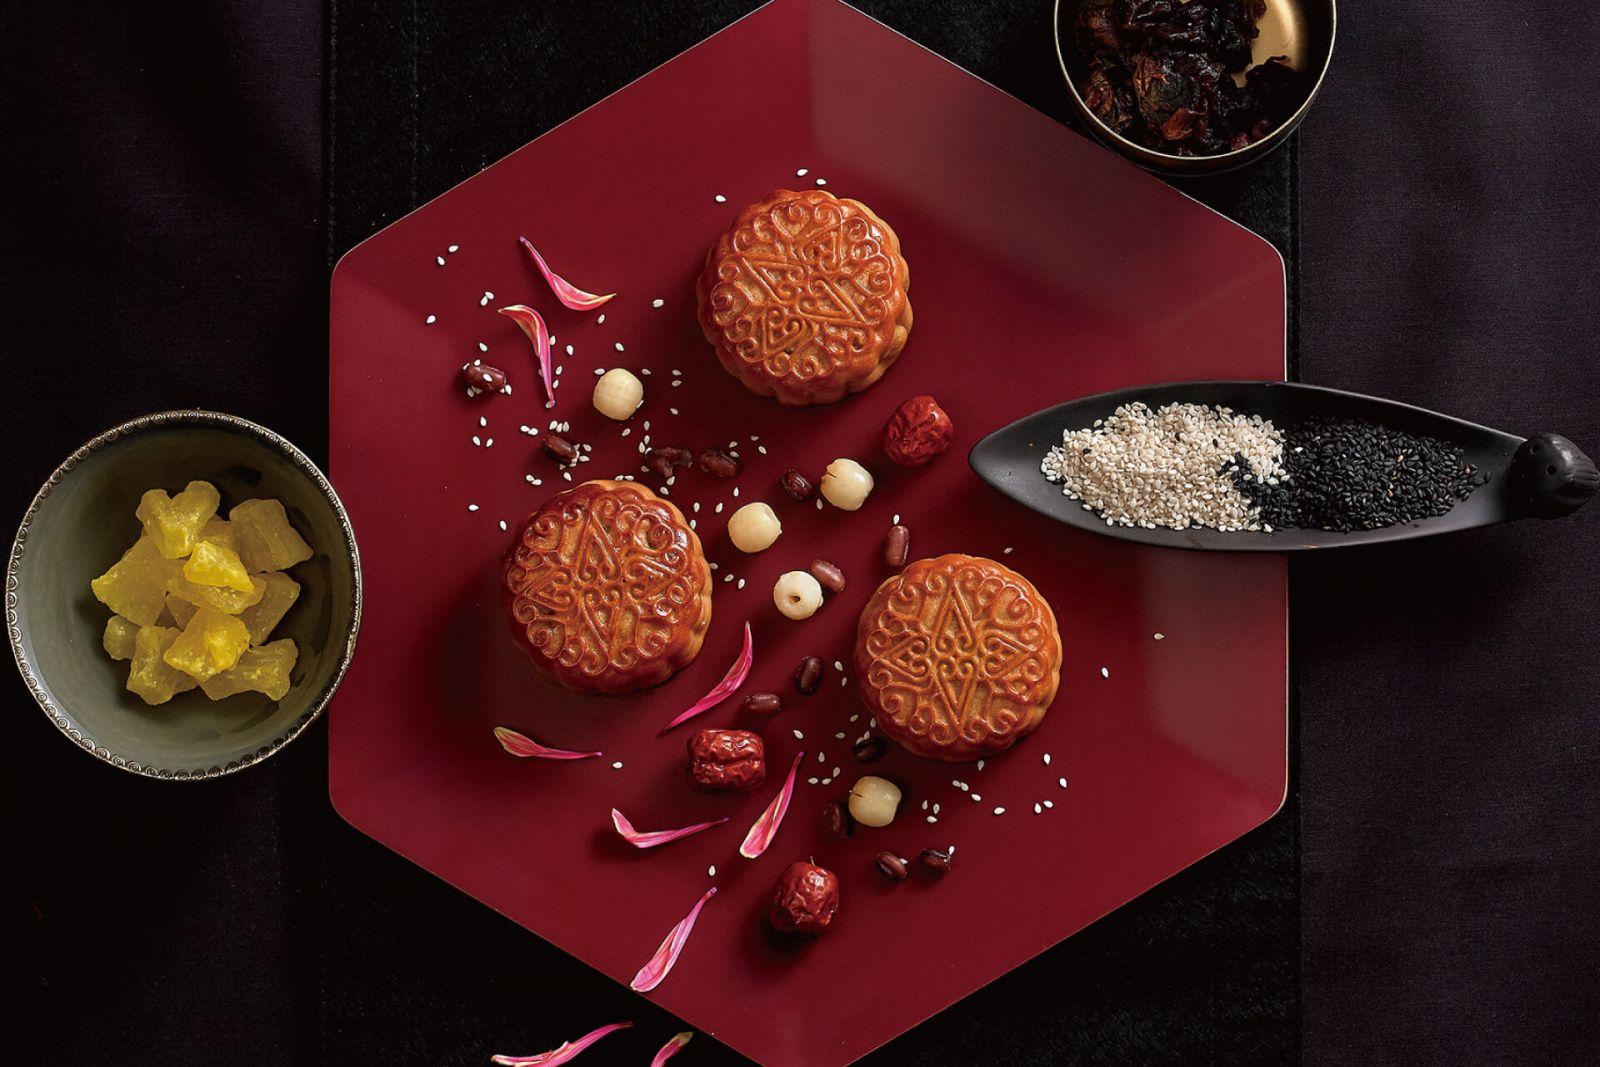 【中秋月餅】「華雲映月」禮盒高掛玫瑰金明月 國賓傳統馬口鐵巧思勝